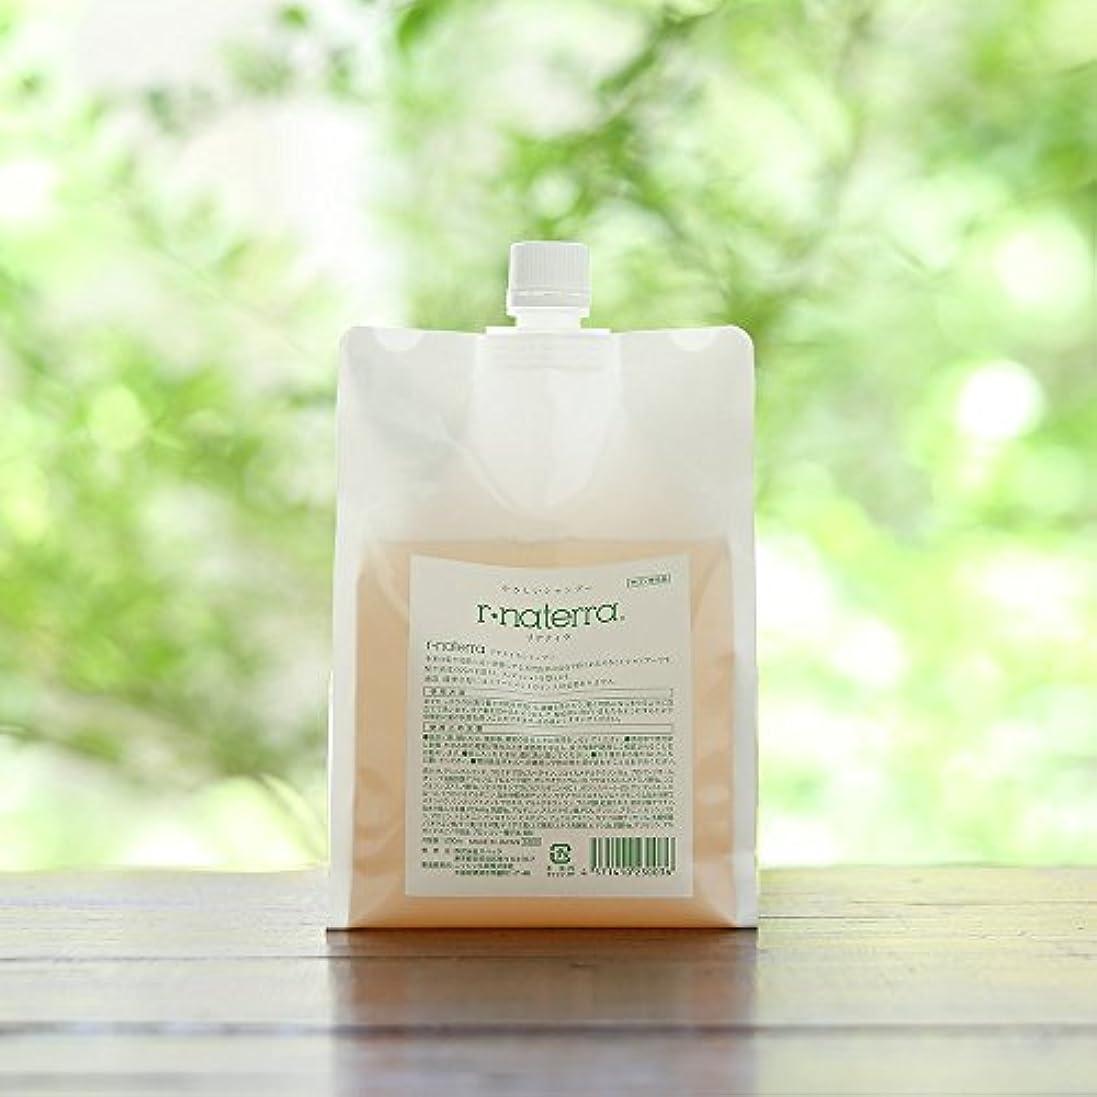 ホステルあいまいさ話植物由来オールインワン自然派シャンプー リナティラ 1000ml ※フルボ酸シャンプー(ノンシリコン)